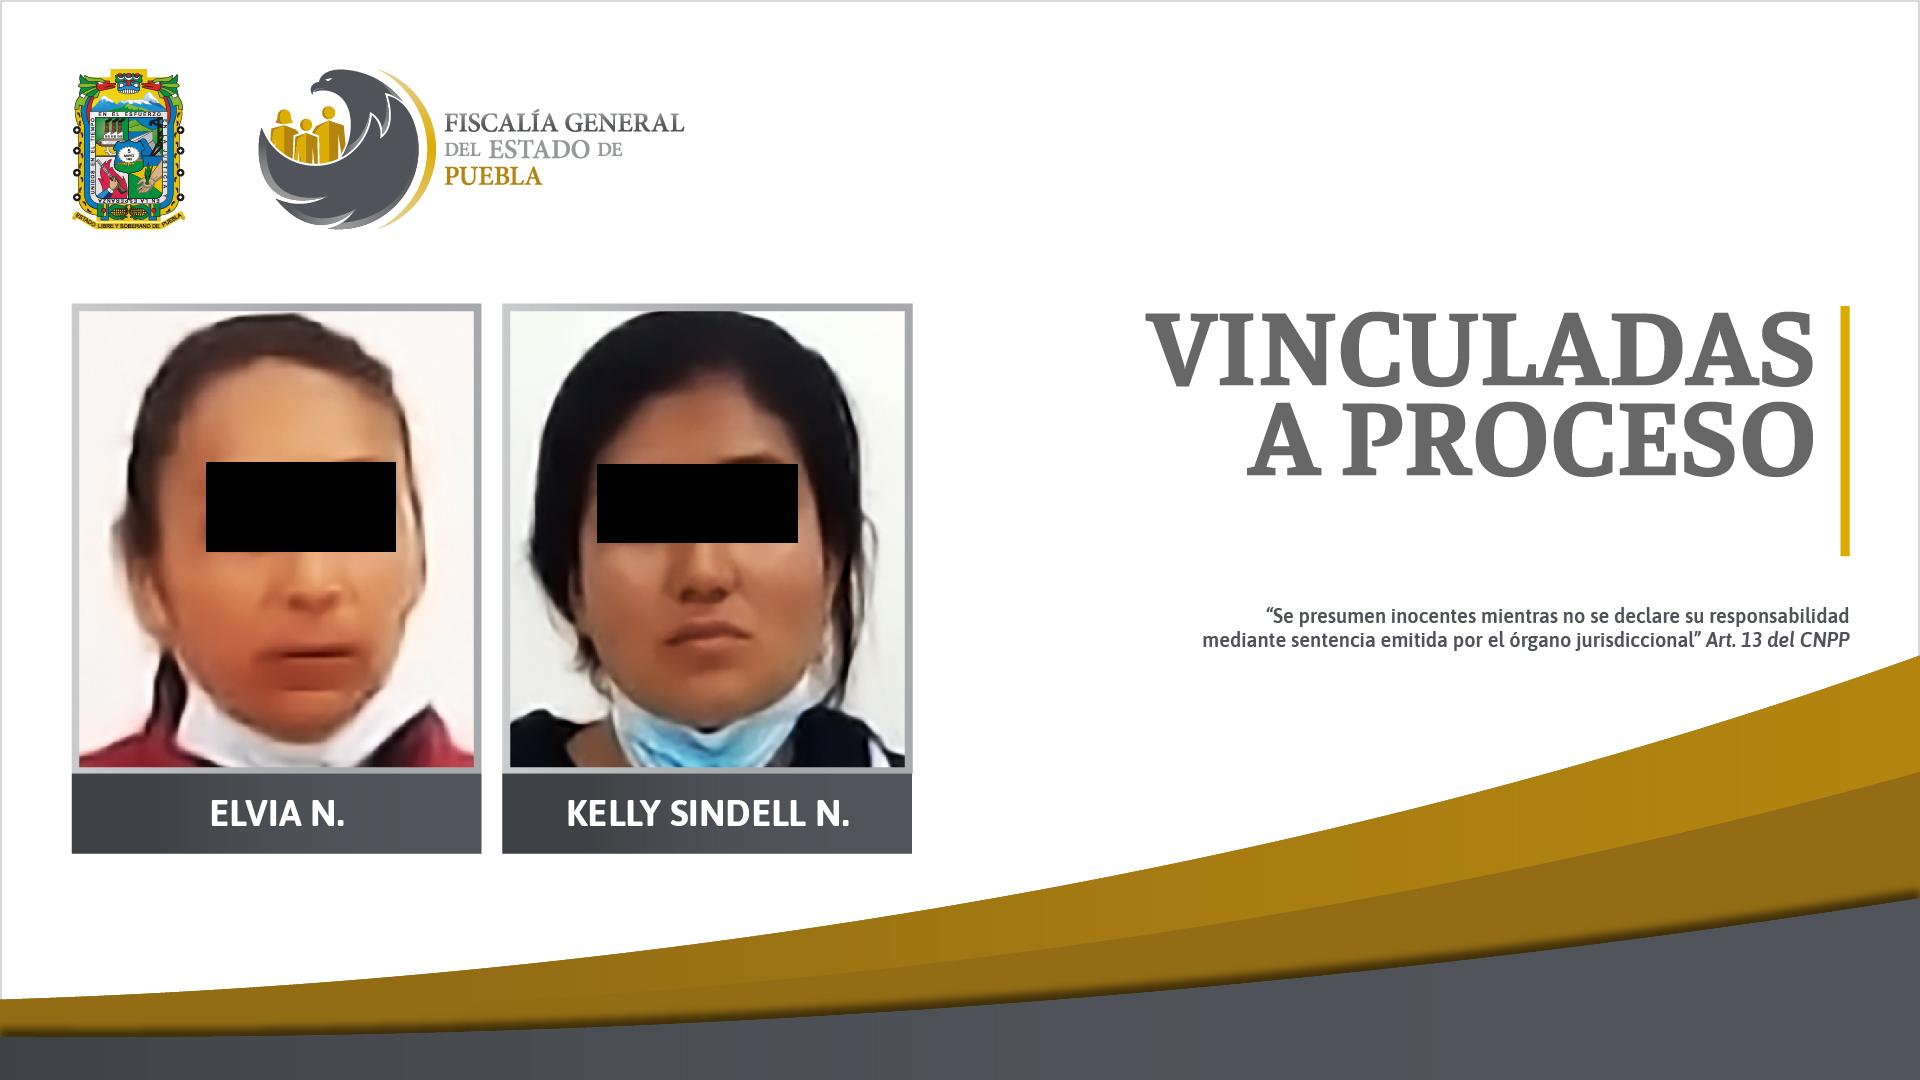 Dos vinculadas a proceso por motín y daño en propiedad ajena en Cañada Morelos